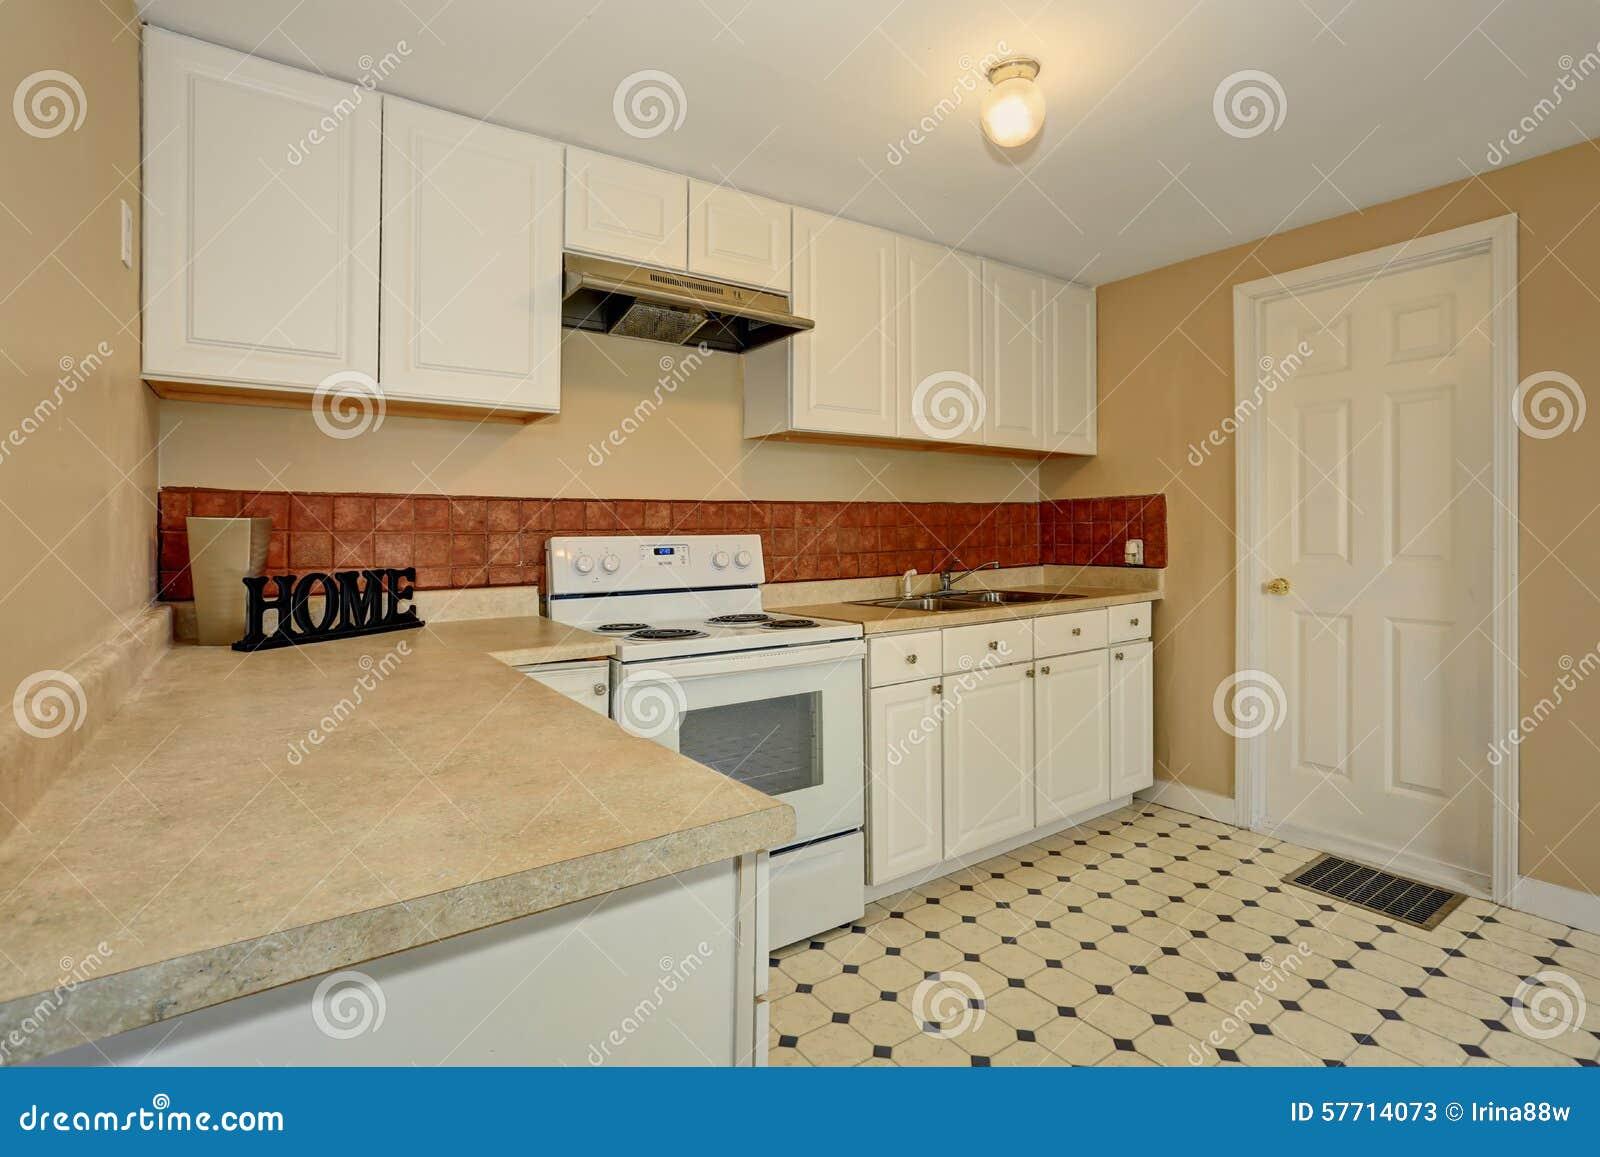 Sehr Einfache Küche Mit Fliesenboden Stockbild - Bild von ofen ...